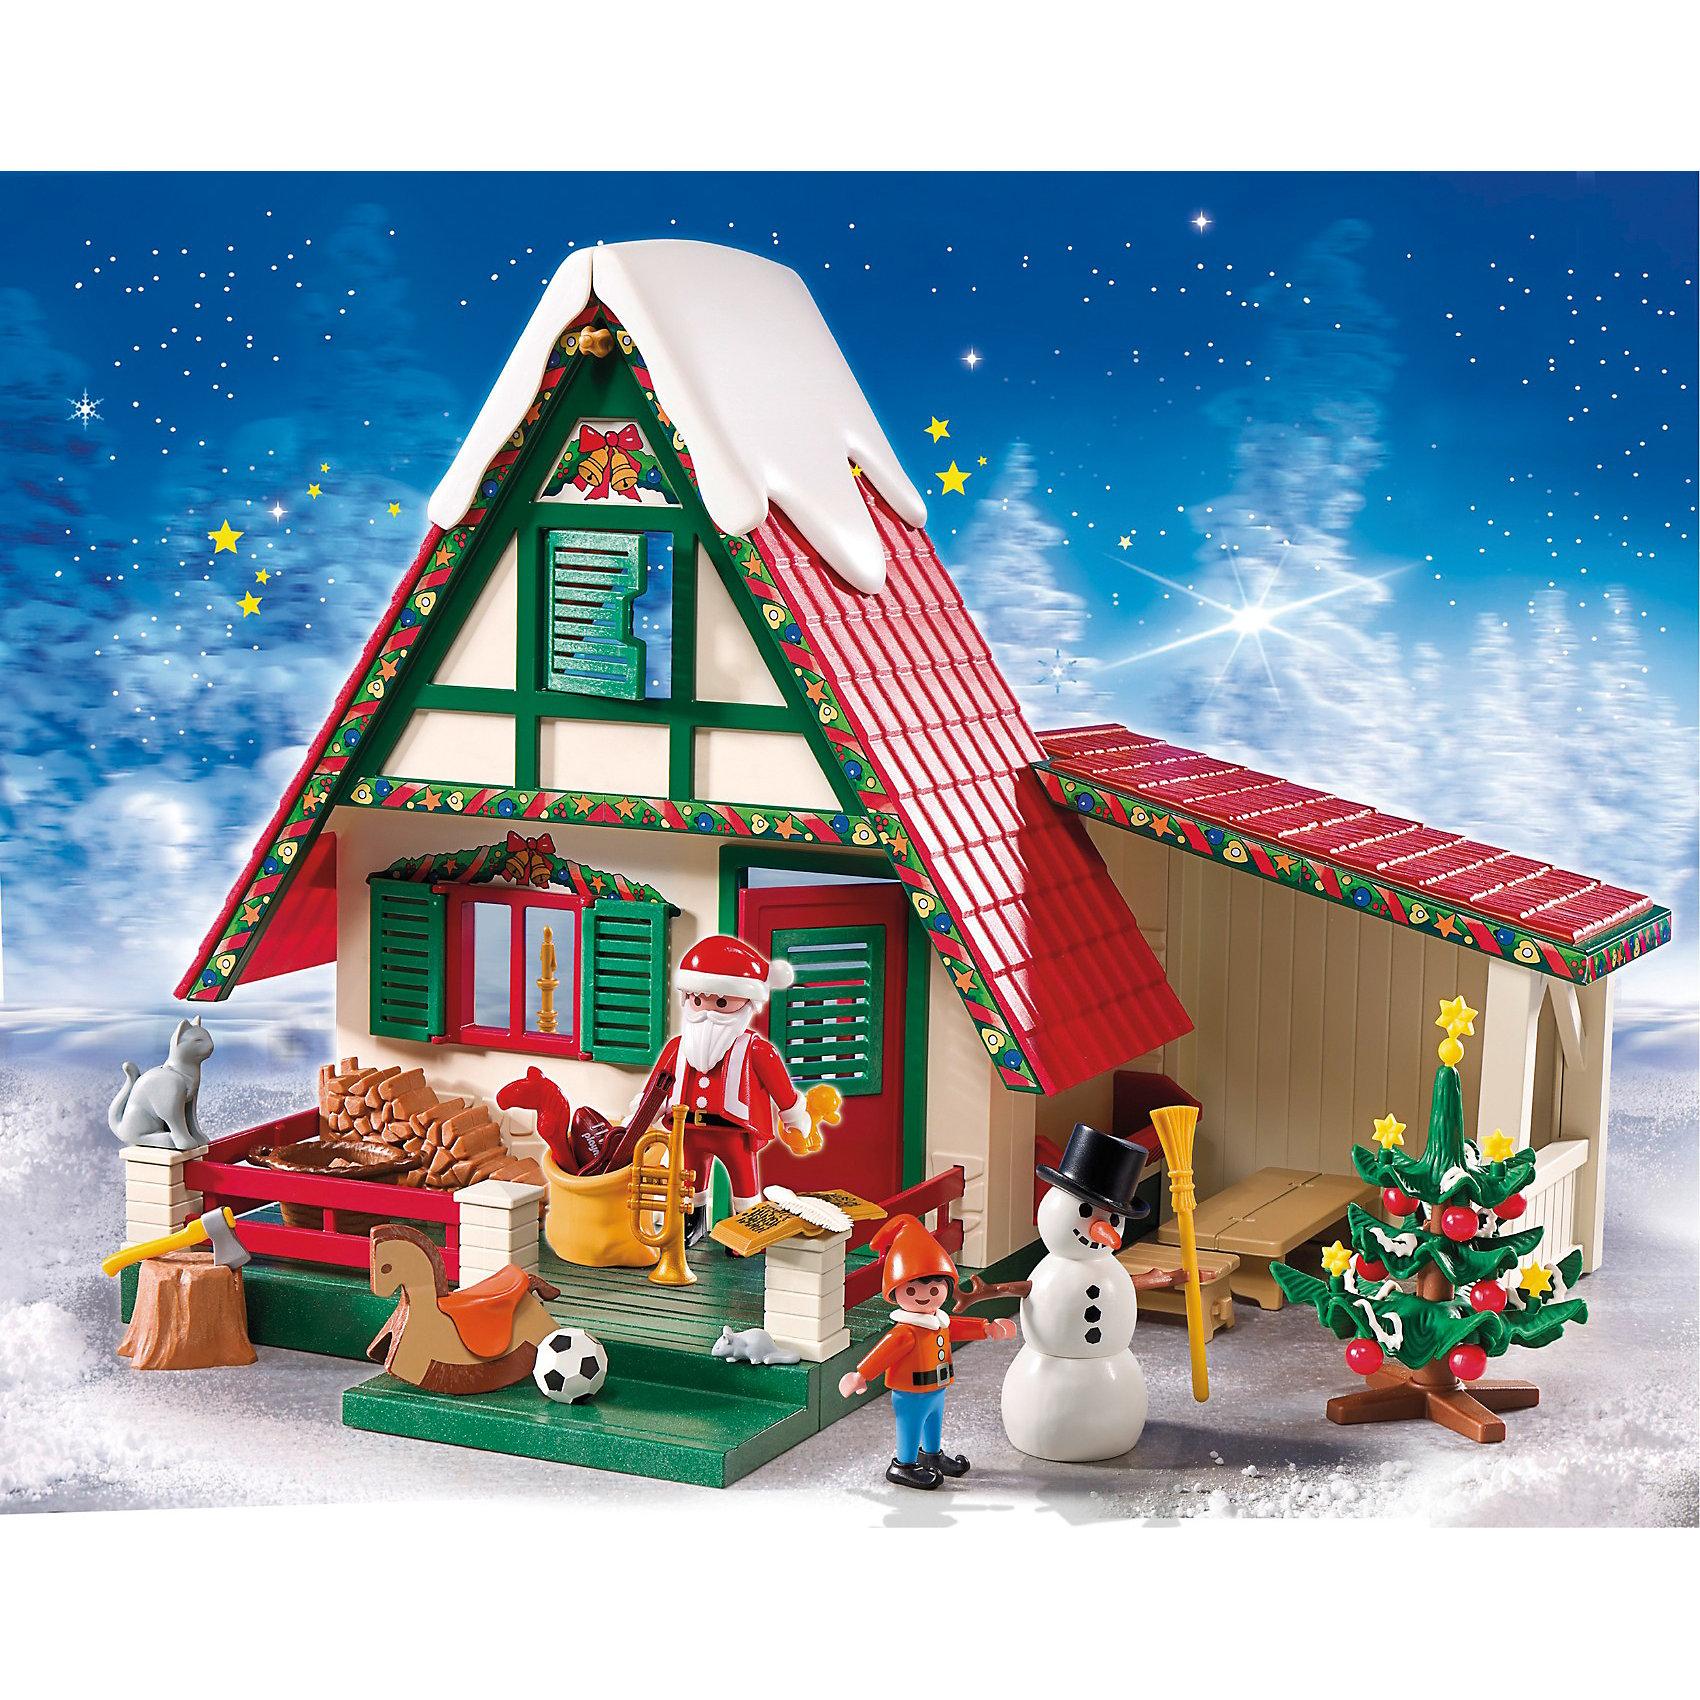 Дом Санта-Клауса, PlaymobilХарактеристики игрушки:<br><br>• Предназначение: для сюжетно-ролевых игр<br>• Пол: универсальный<br>• Цвет: красный, зеленый, белый<br>• Материал: пластик<br>• Комплектация: 128 предметов<br>• Вес: 540 гр.<br>• Размеры домика: 30 см<br><br>Дом Санта-Клауса, Playmobil – это набор деталей и предметов для сбора домика Санта-Клауса.  Комплект состоит из 128 предметов, среди которых элементы для постройки дома и гаража, предметы интерьера, домашние животные и, конечно же, сам Санта-Клаус и новогодняя елка. Игрушка выполнена из экологически безопасного материала – пластика, все детали окрашены экологически безопасными красками. <br><br>Дом Санта-Клауса, Playmobil подарит не только увлекательные игры в новогодние праздники, но и станет красивым интерьерным украшением к празднику. <br><br>Дом Санта-Клауса, Playmobil можно купить в нашем интернет-магазине.<br><br>Подробнее:<br>Для детей в возрасте: от 4 до 10 лет<br>Номер товара: 3536867<br>Страна производитель: Китай<br><br>Ширина мм: 506<br>Глубина мм: 401<br>Высота мм: 104<br>Вес г: 1396<br>Возраст от месяцев: 48<br>Возраст до месяцев: 120<br>Пол: Унисекс<br>Возраст: Детский<br>SKU: 3536867